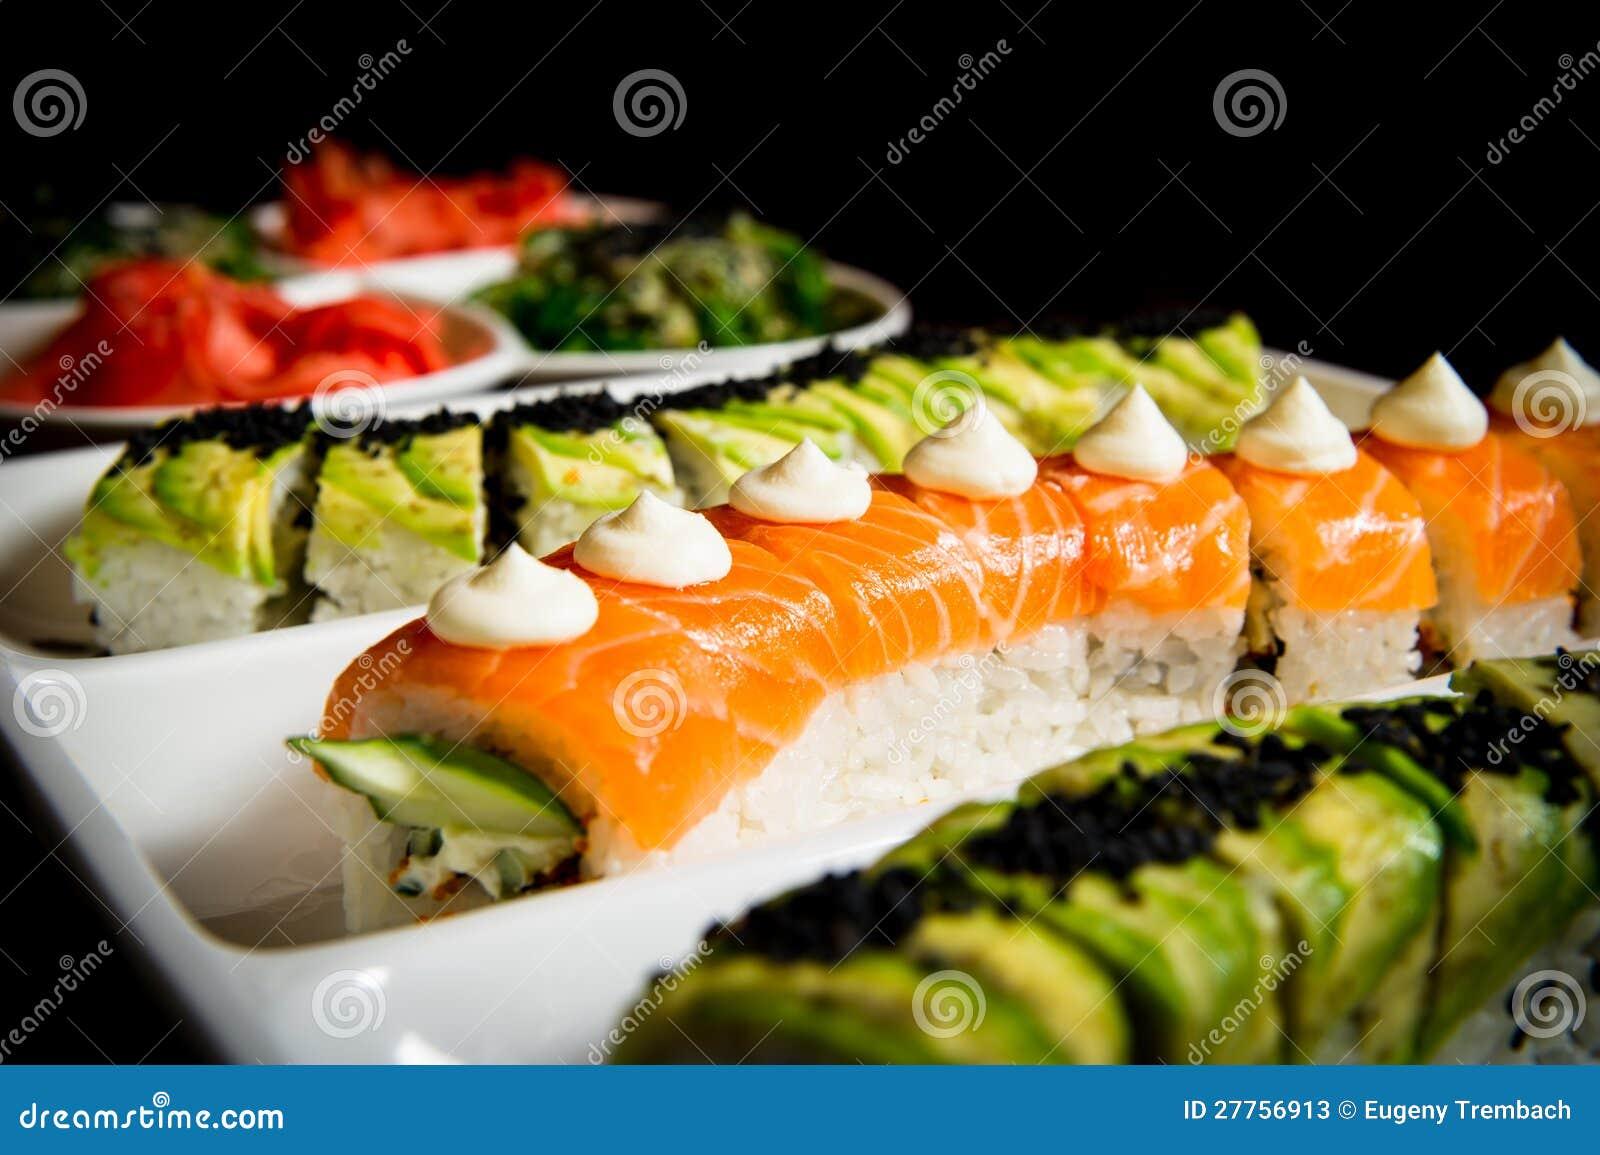 Configuration de table de roulis de sushi